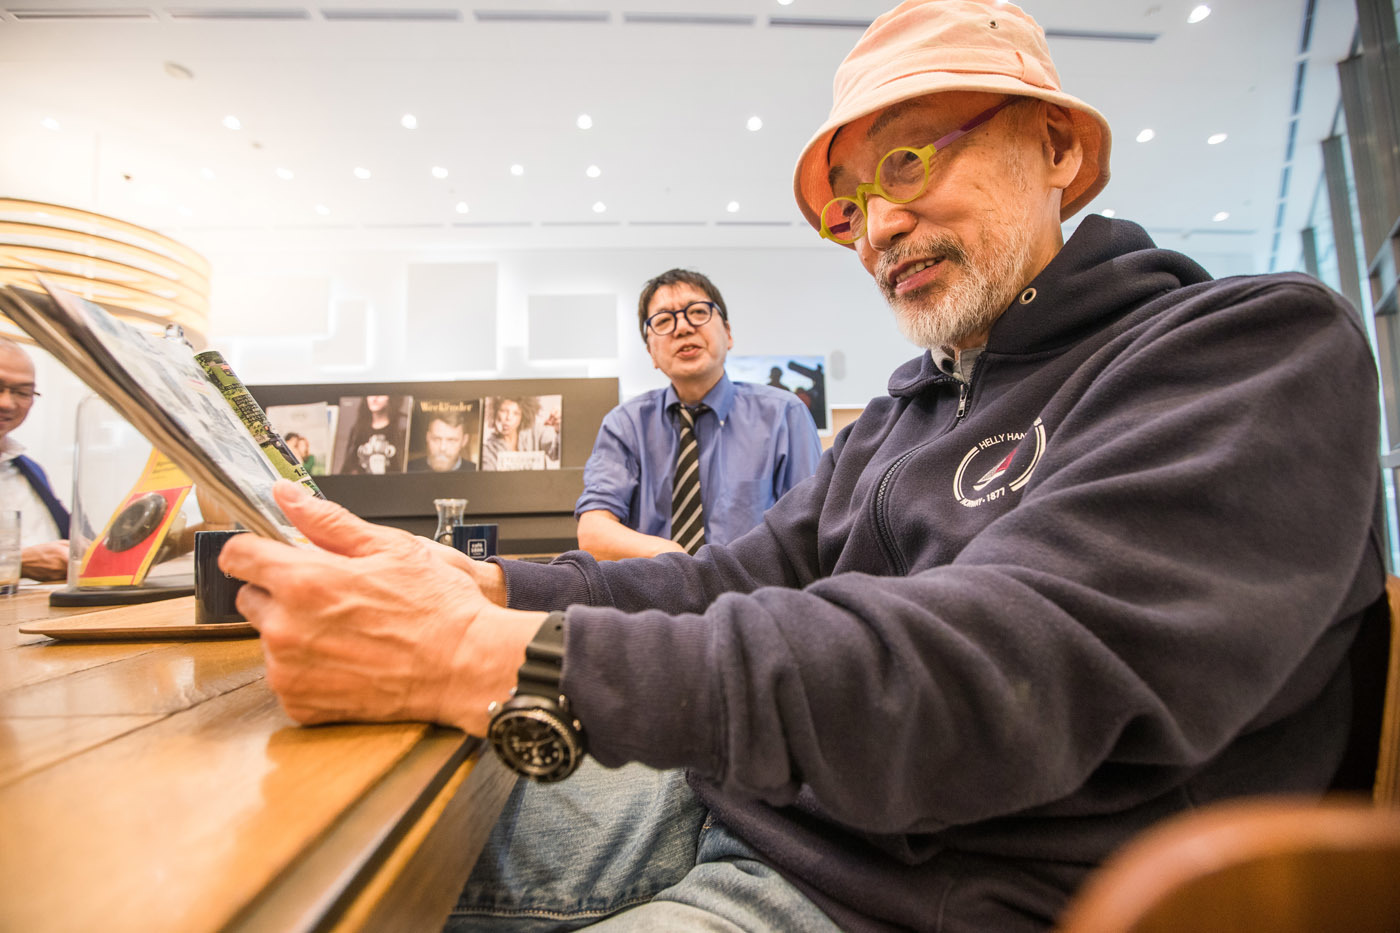 都内某所で開催される新型ジムニー発表会場へ向かうテリー伊藤氏と本誌本郷。テリーさんはカタログに釘付けだった